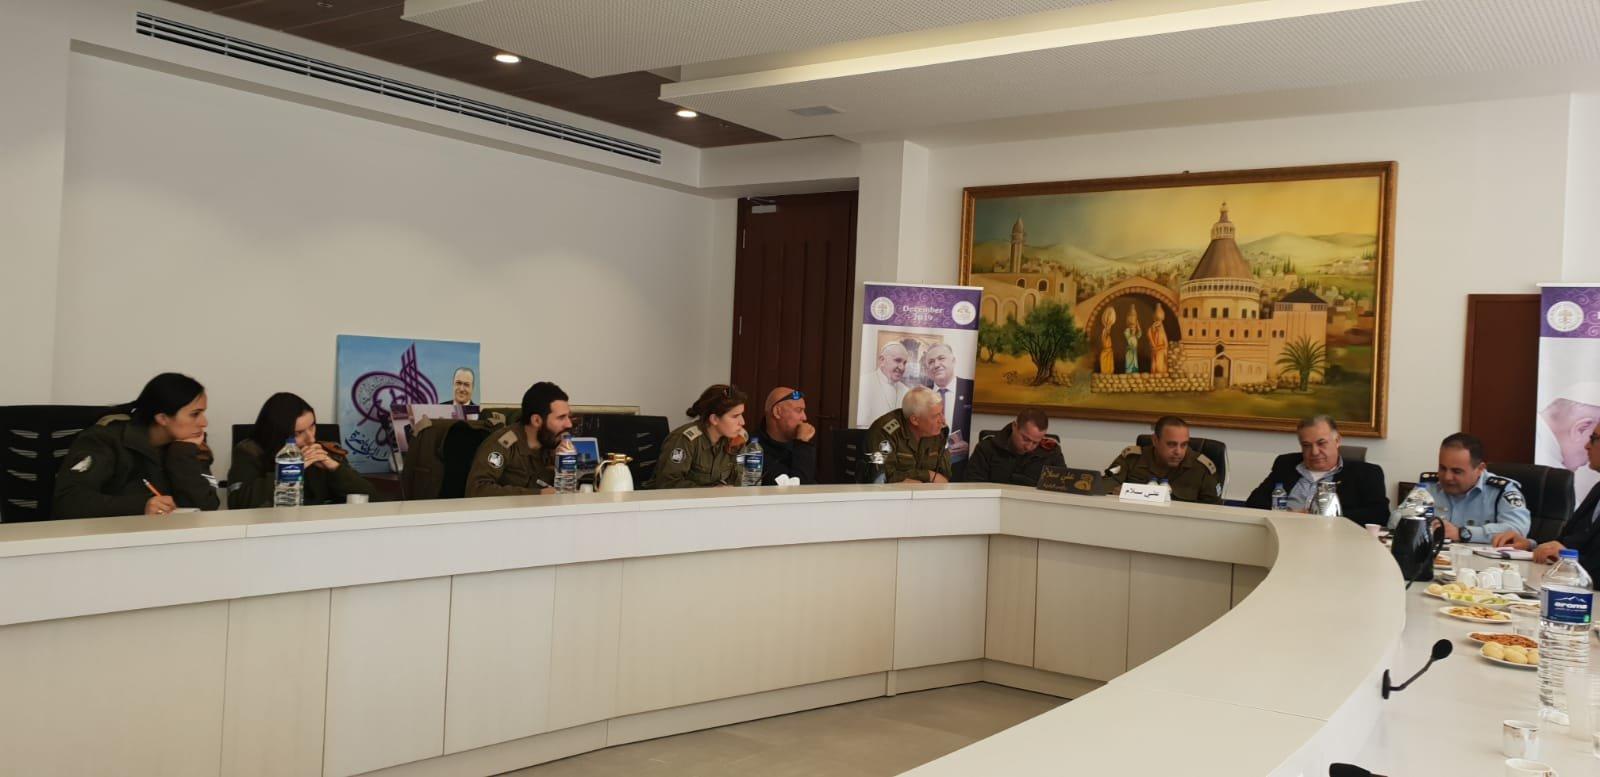 لجنه الطوارئ في بلدية الناصرة تعقد جلسه عمل مع الجبهة الداخلية-3